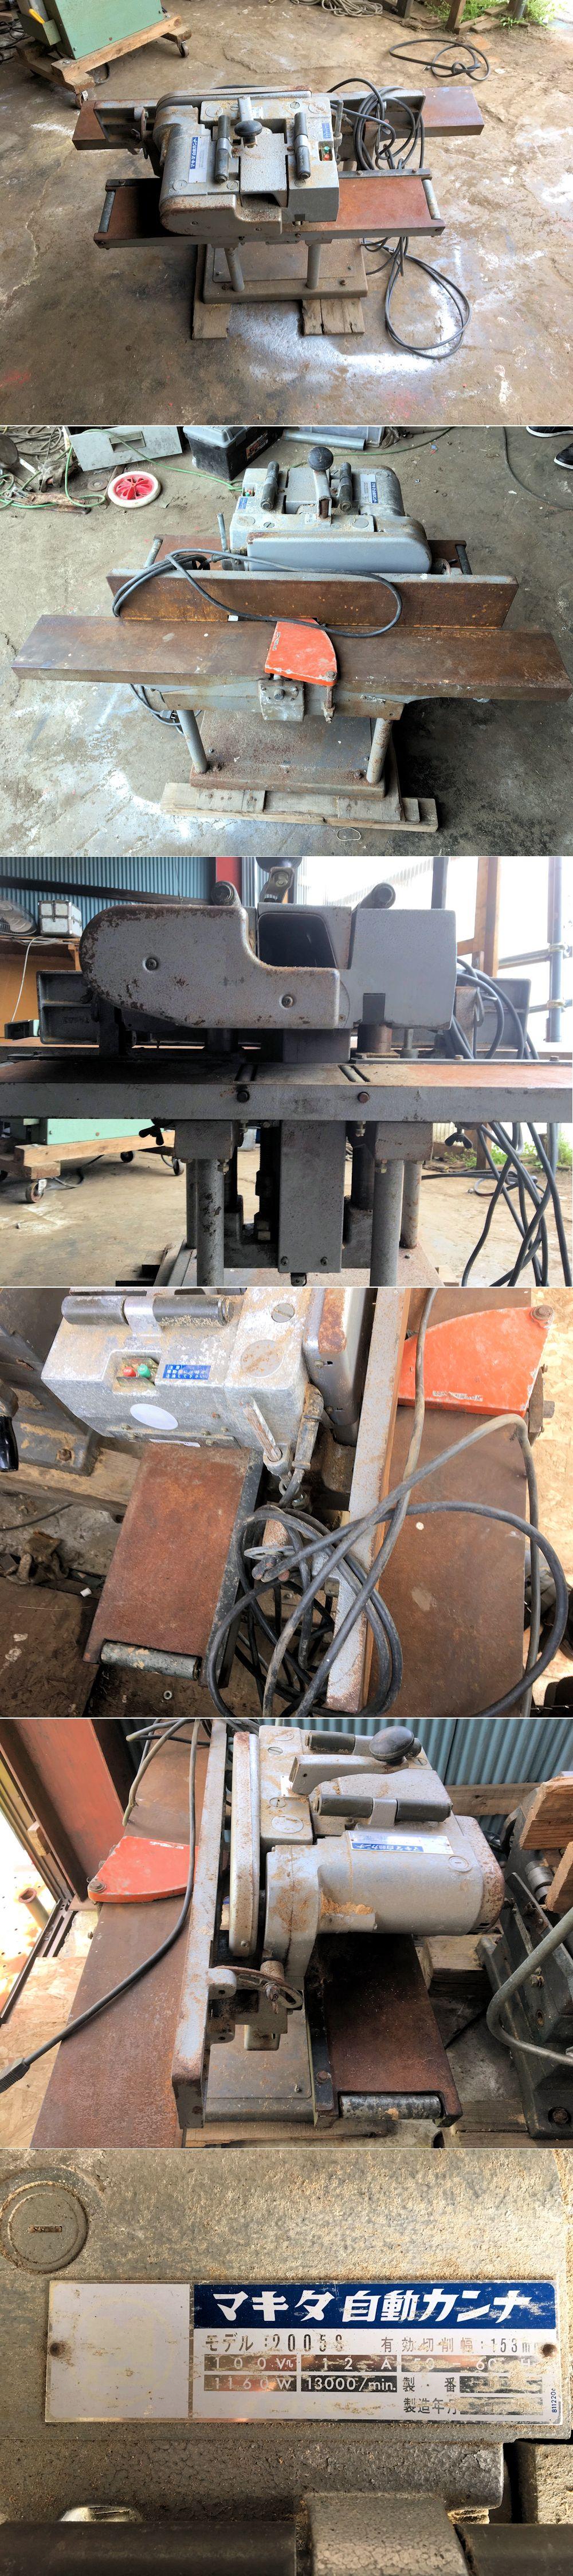 マキタ 153mm 自動かんな 2005S 木工機械 自動カンナ 中古